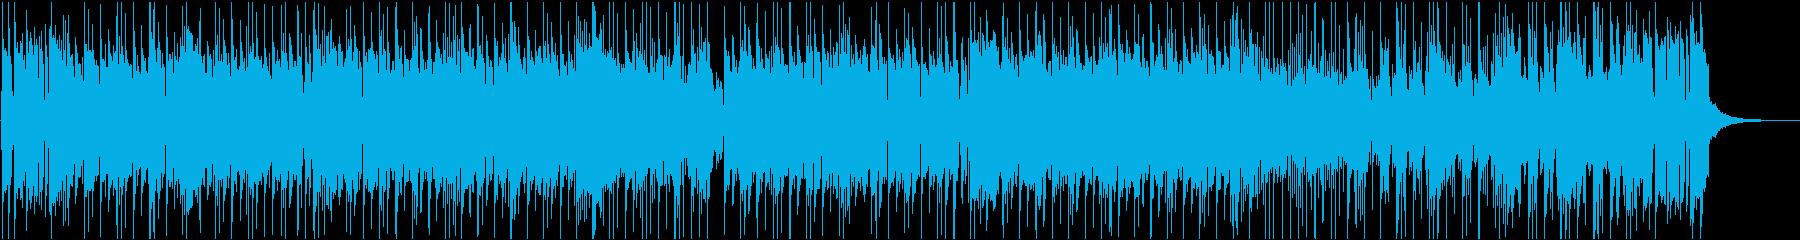 アップテンポなトランペット 形勢逆転の再生済みの波形